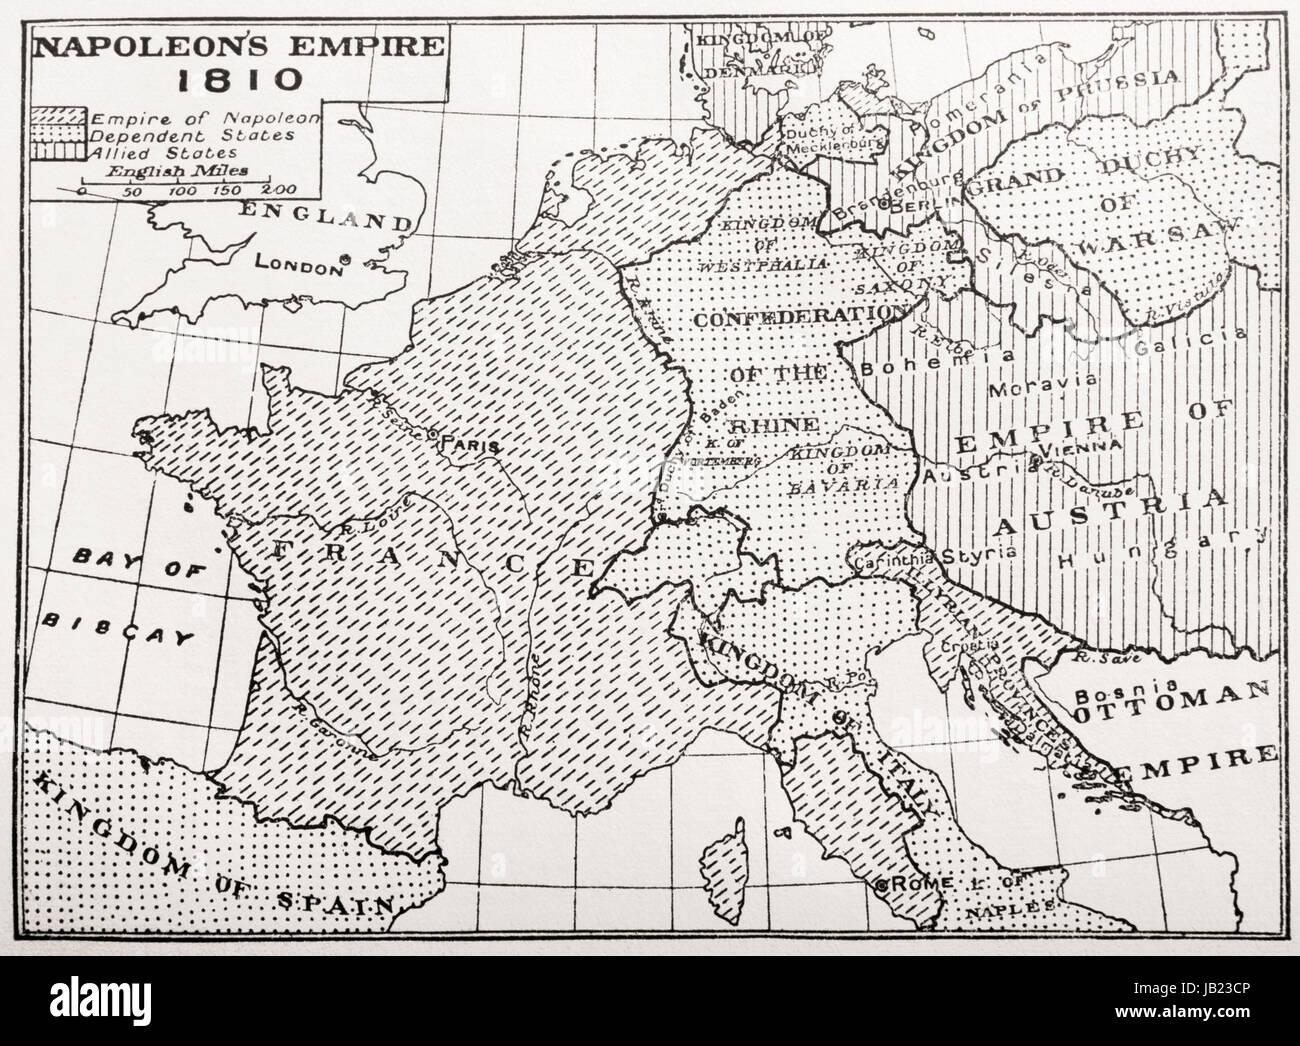 Mapa del Imperio de Napoleón, Francia, 1810. Desde Francia, una historia medieval y moderno, publicado en 1918. Imagen De Stock